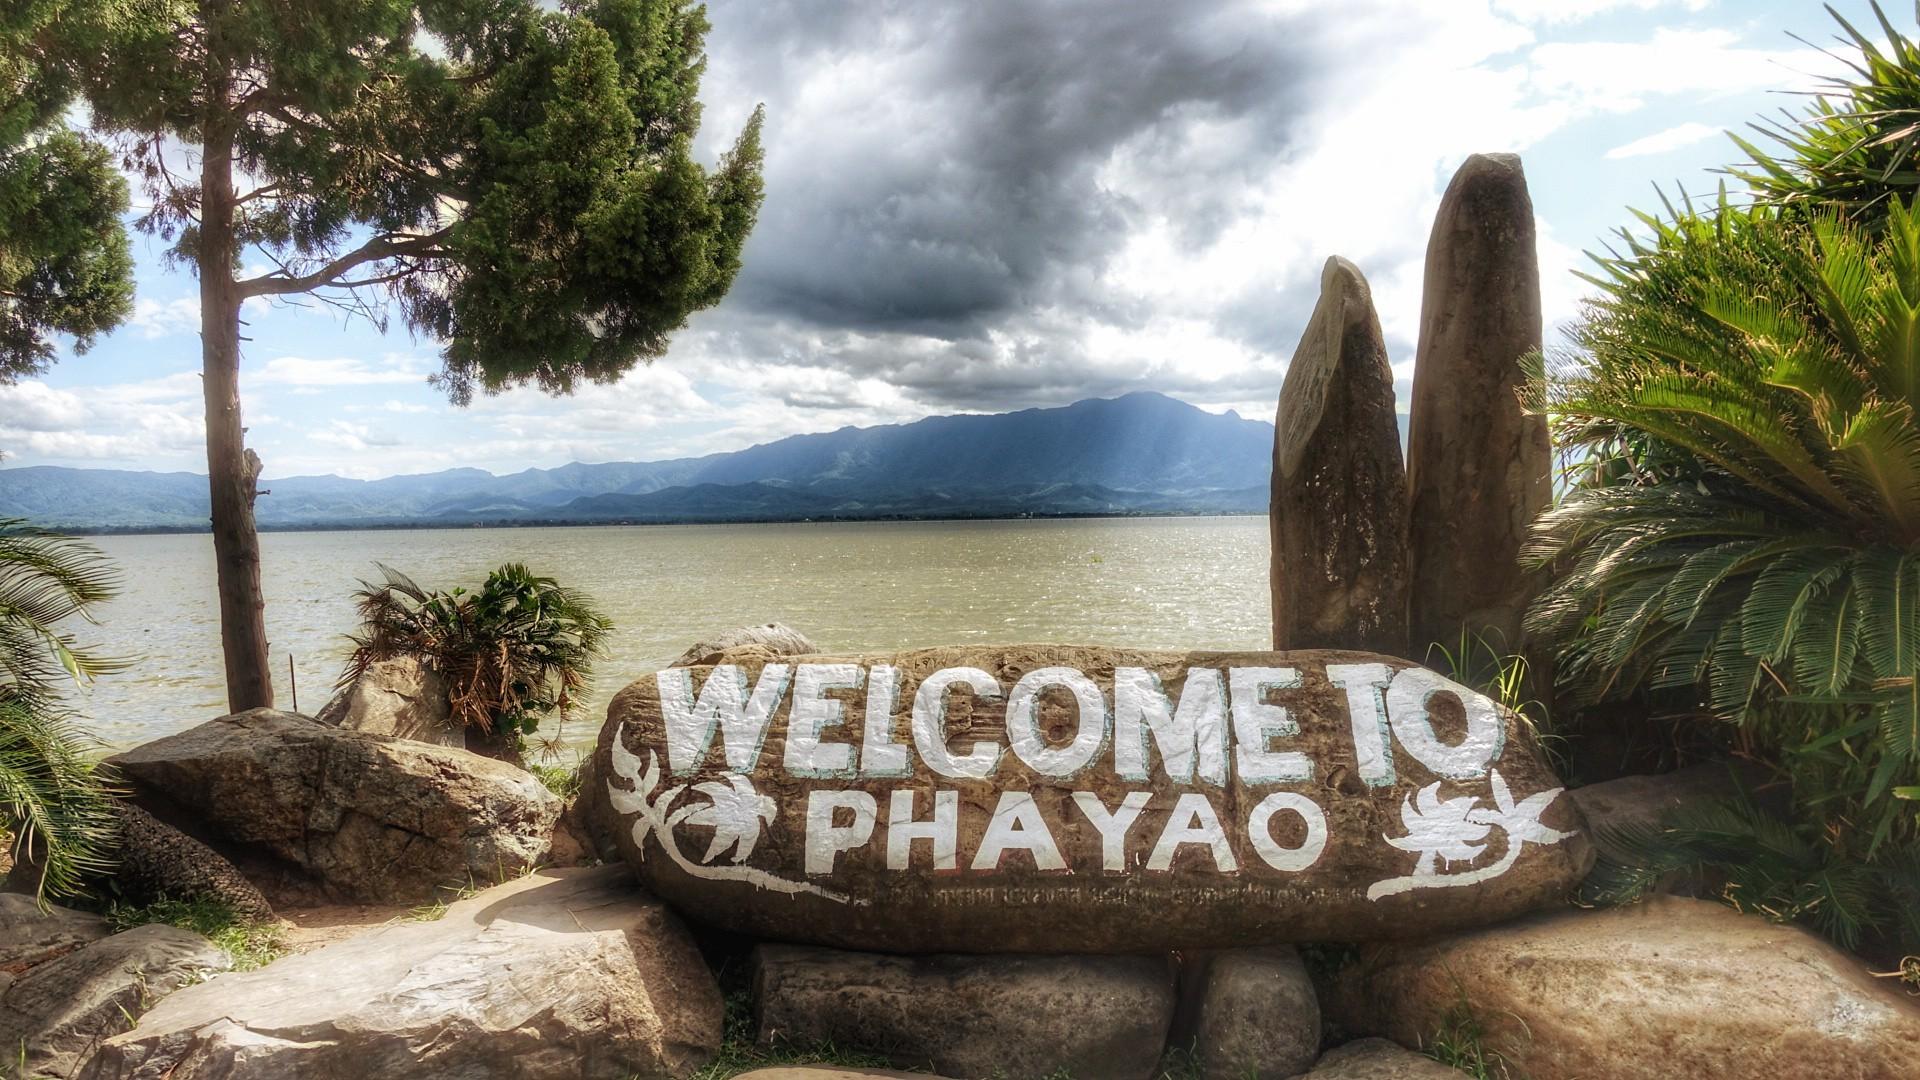 Phayao, mountains and lake